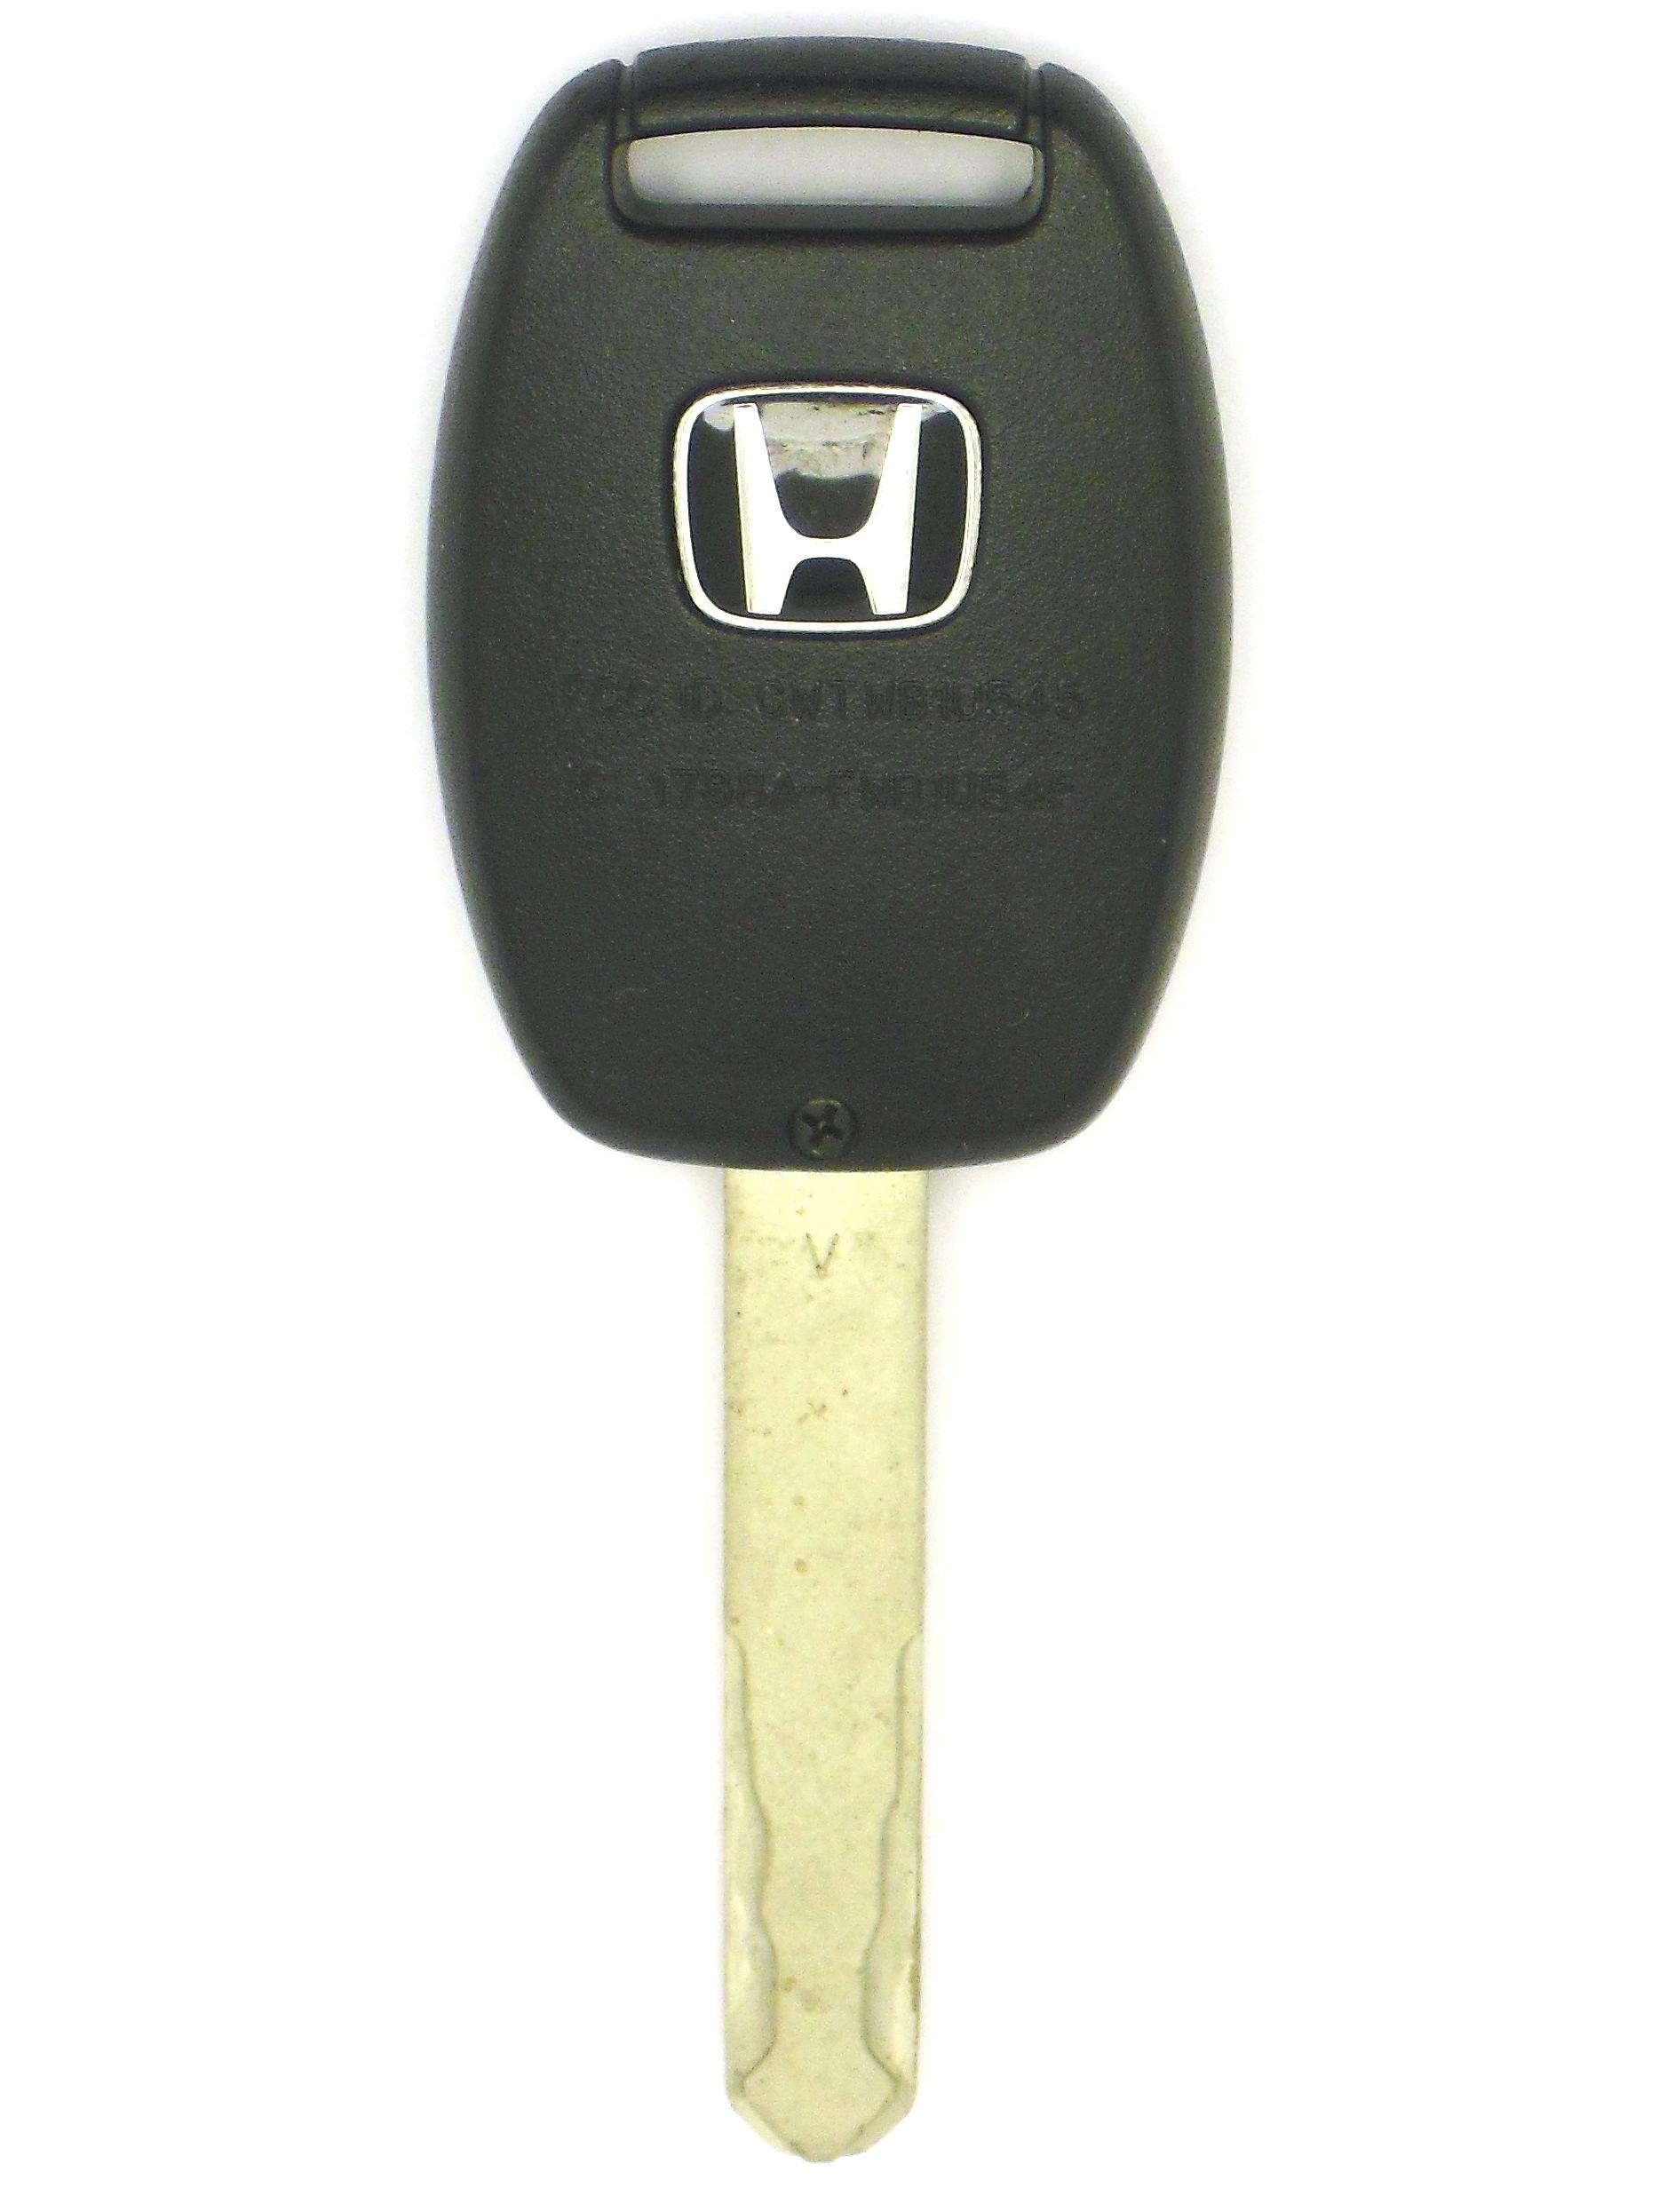 Image Result For Honda Ridgeline Key Battery